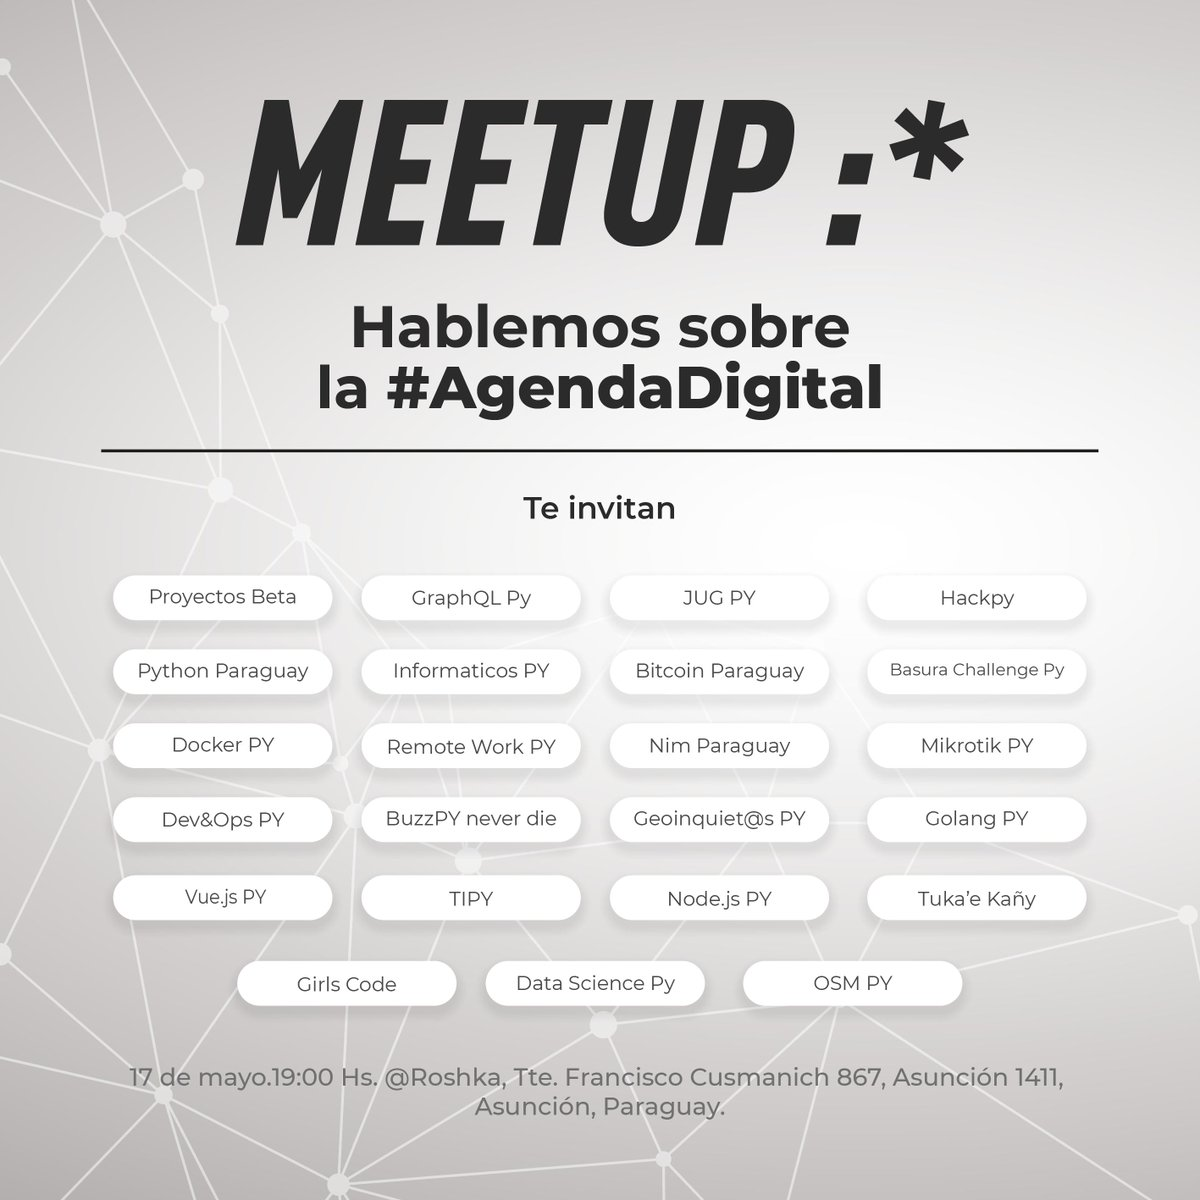 La gran mayoría de las comunidades de tecnología del país vamos a tener el  Meetup :*  Para hablar sobre la #AgendaDigital.   Por este medio invitamos a los Directores y Técnicos del @Miticpy a asistir a este evento.  Favor RT